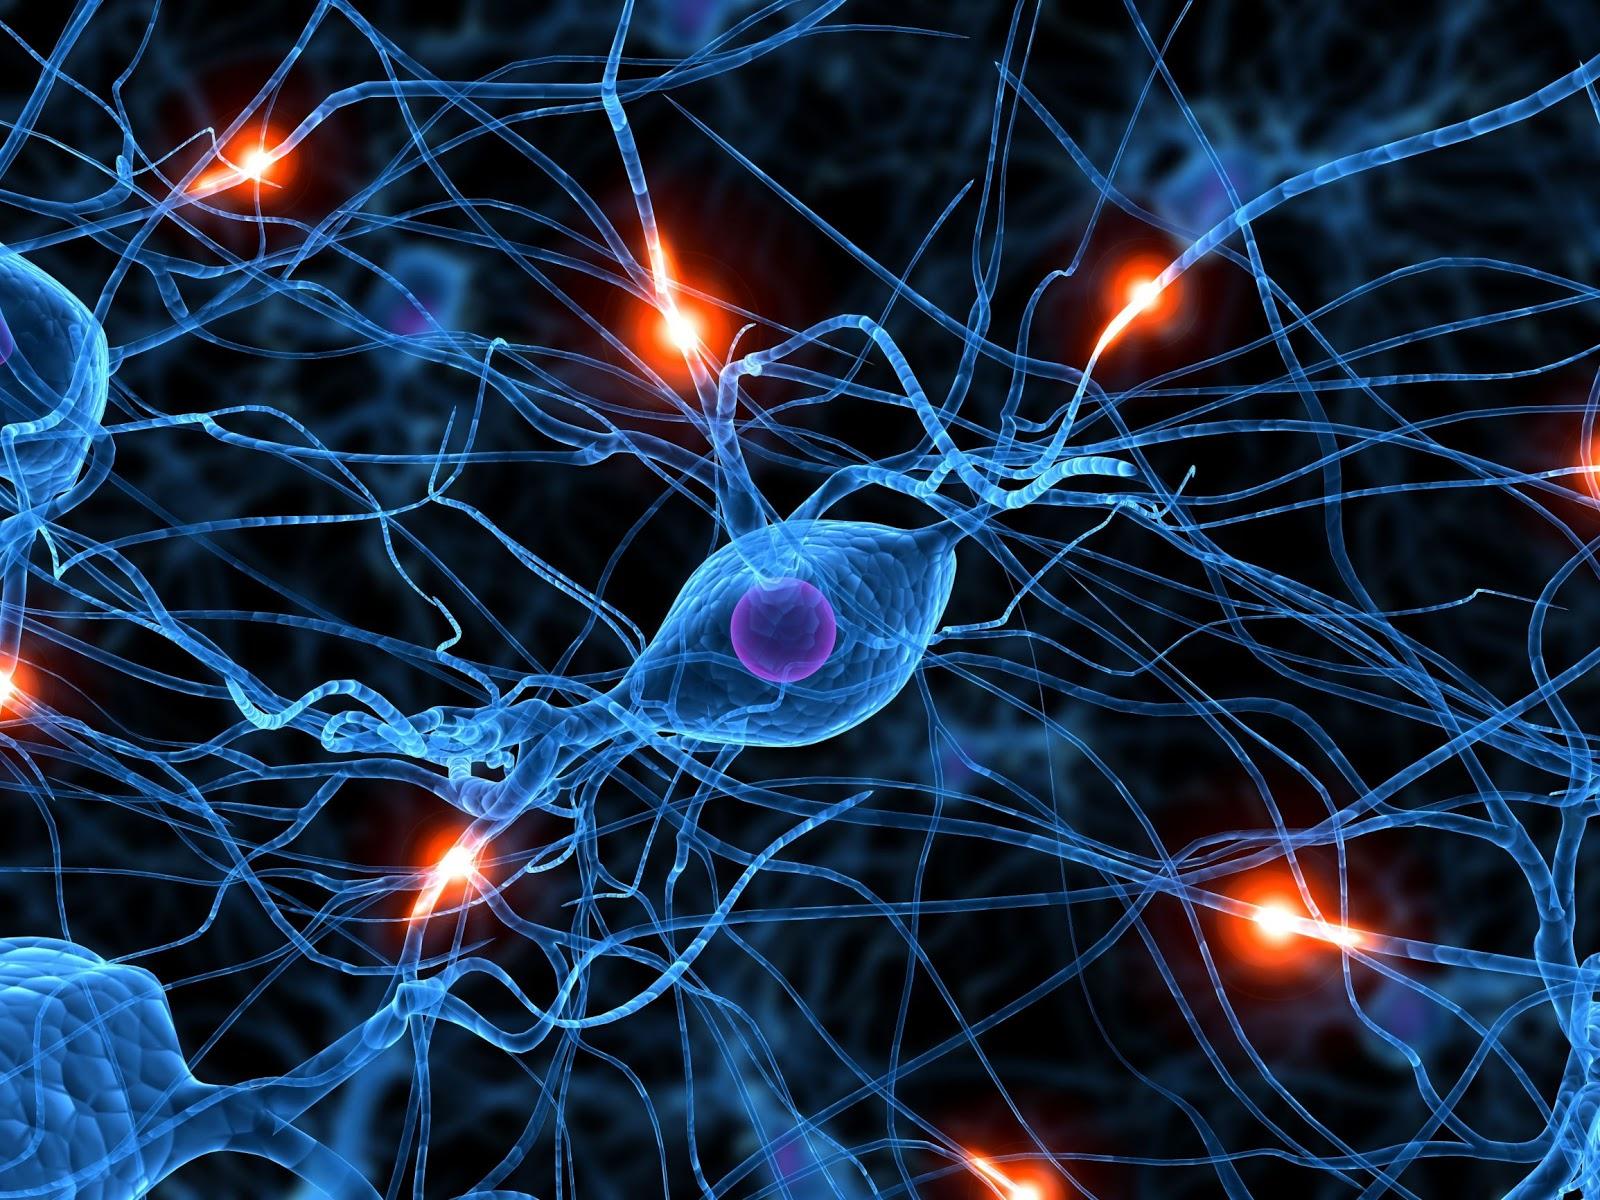 Neuronas en ignición. Neuromarketing, Antonio Casals, Esmeralda Díaz-Aroca